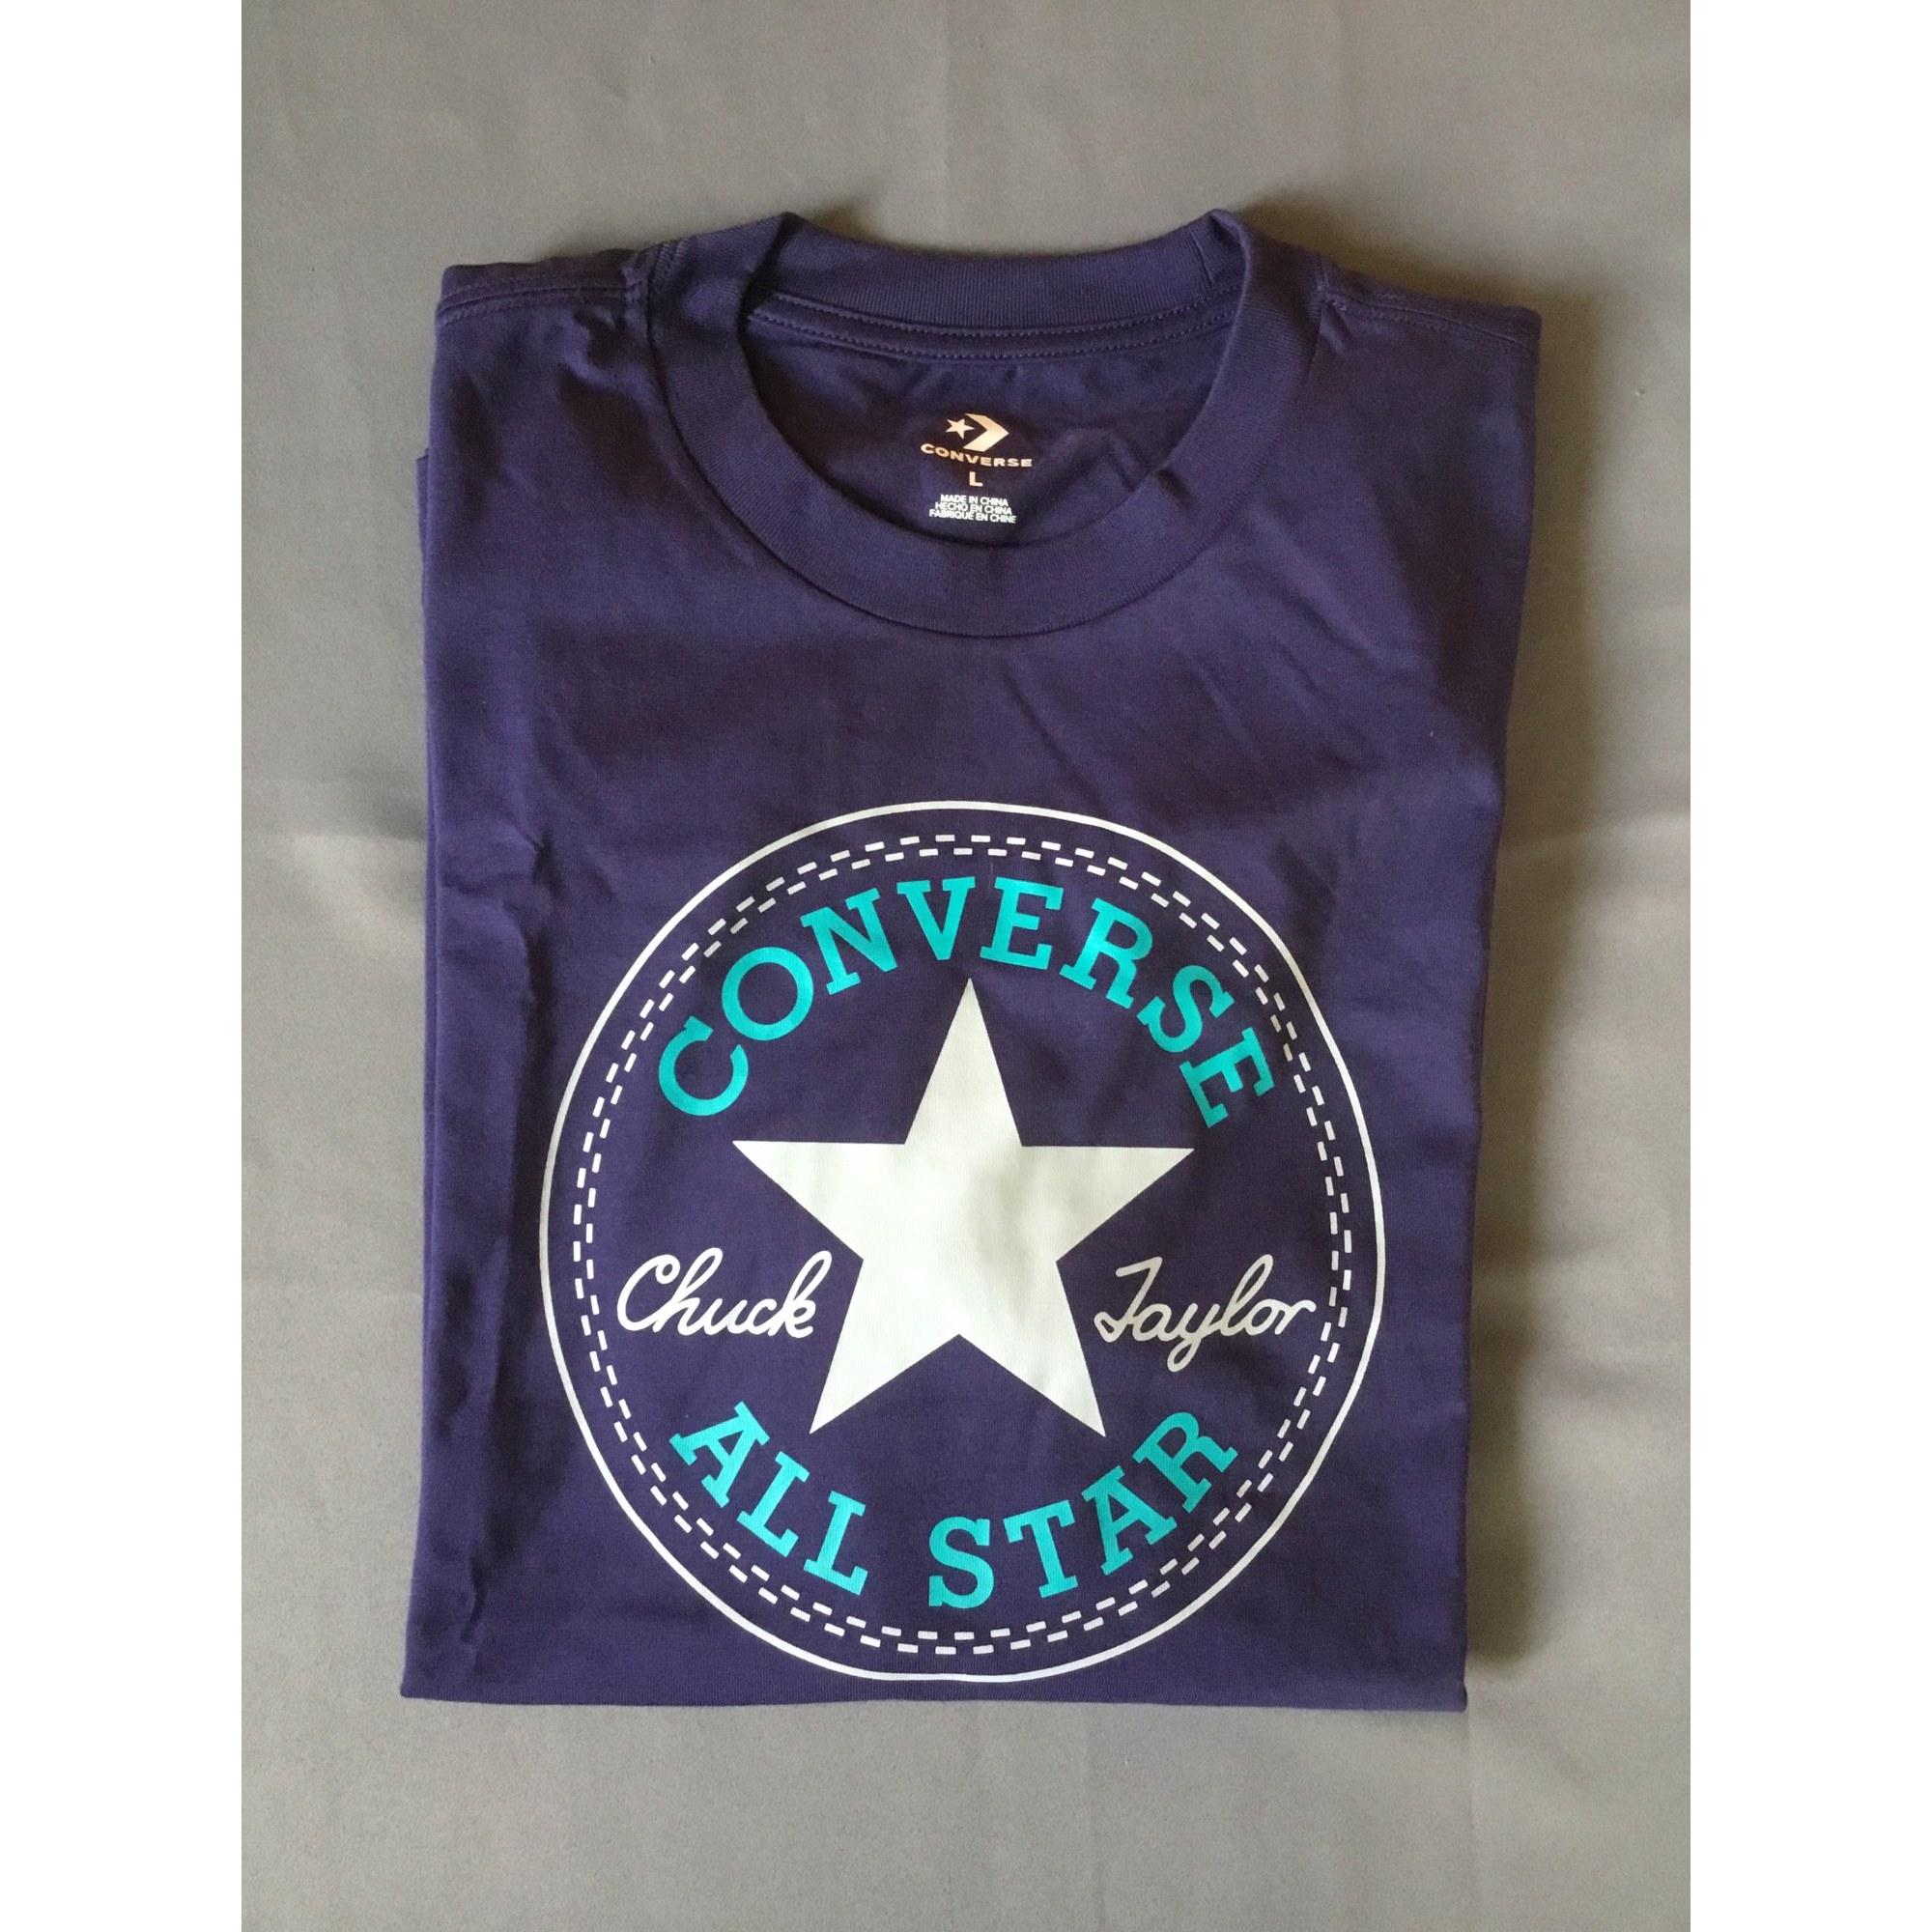 Tee-shirt CONVERSE Violet, mauve, lavande